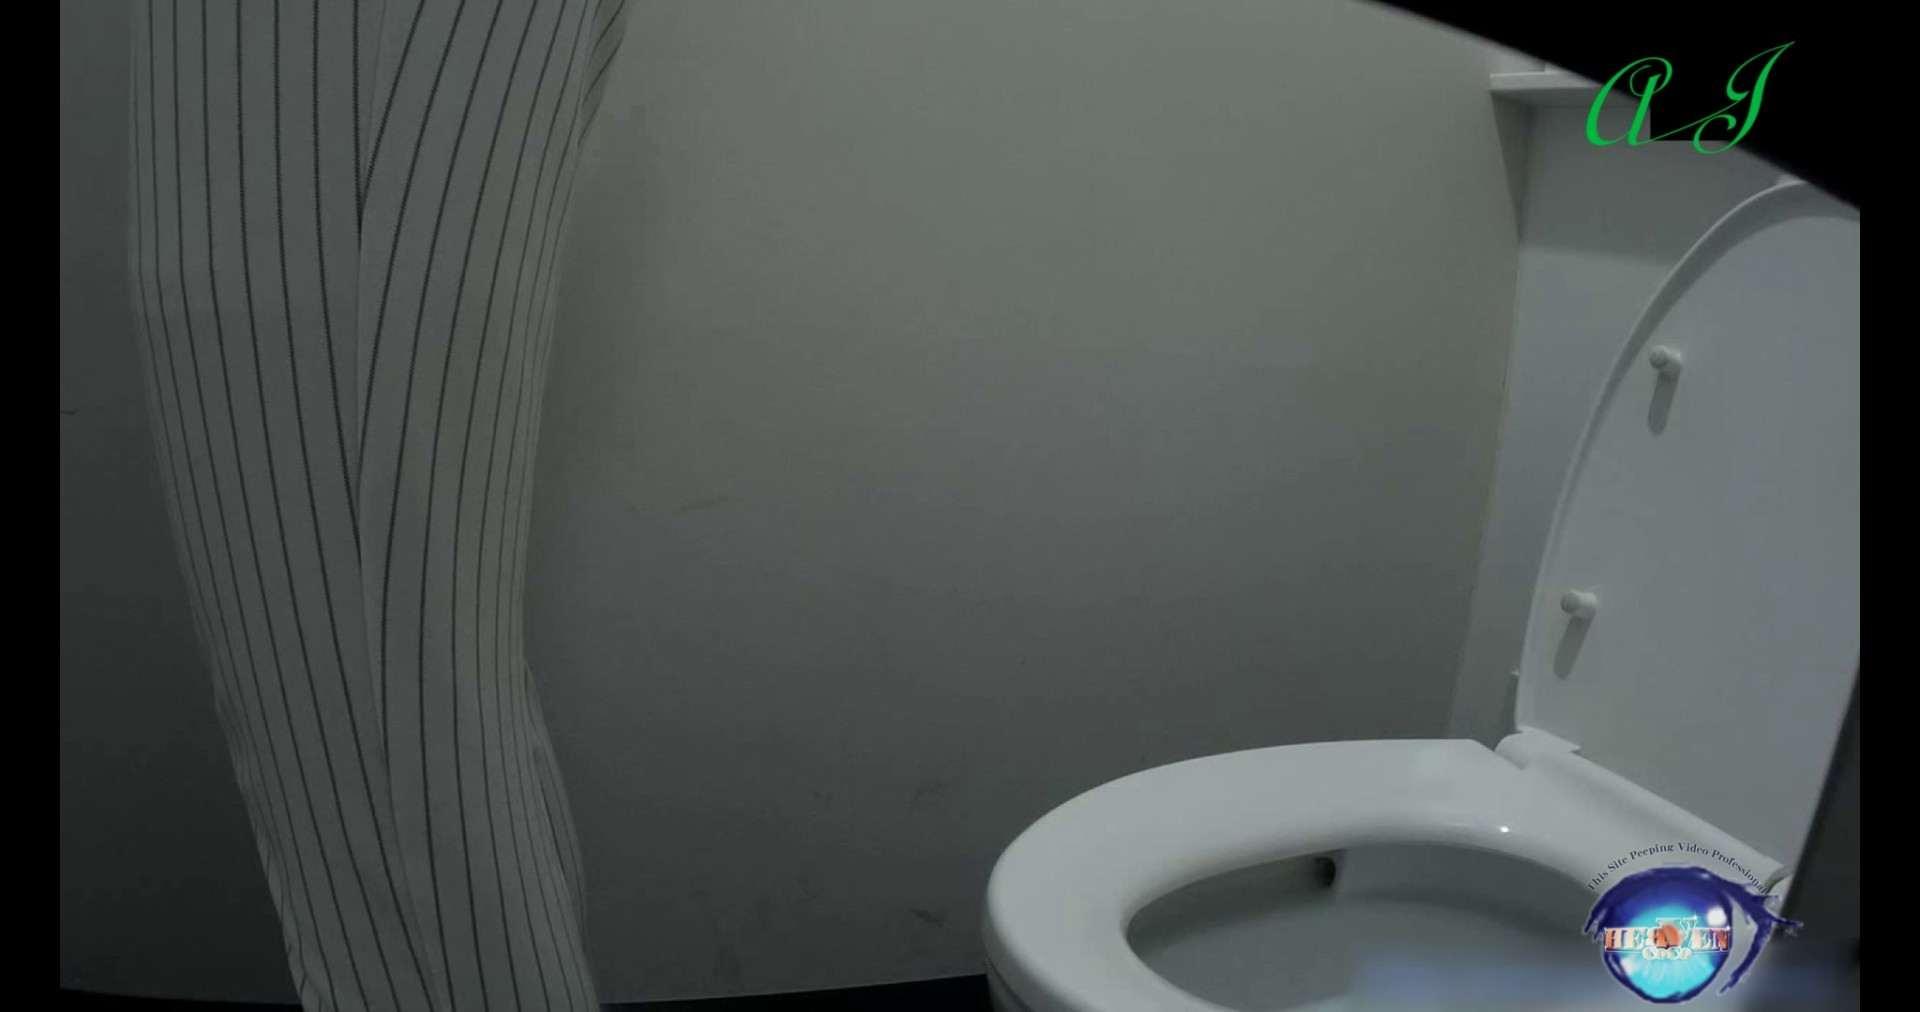 素敵なパンストお姉さん 有名大学女性洗面所 vol.73 OLセックス 隠し撮りAV無料 72画像 32